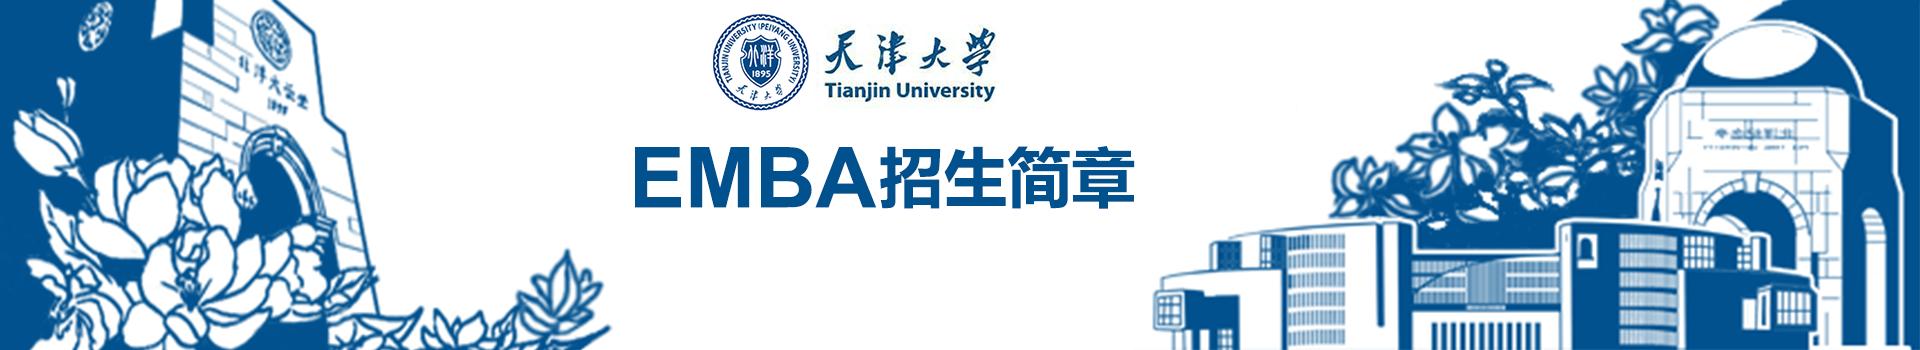 天津大学管理与经济学部高级工商管理硕士EMBA招生简章